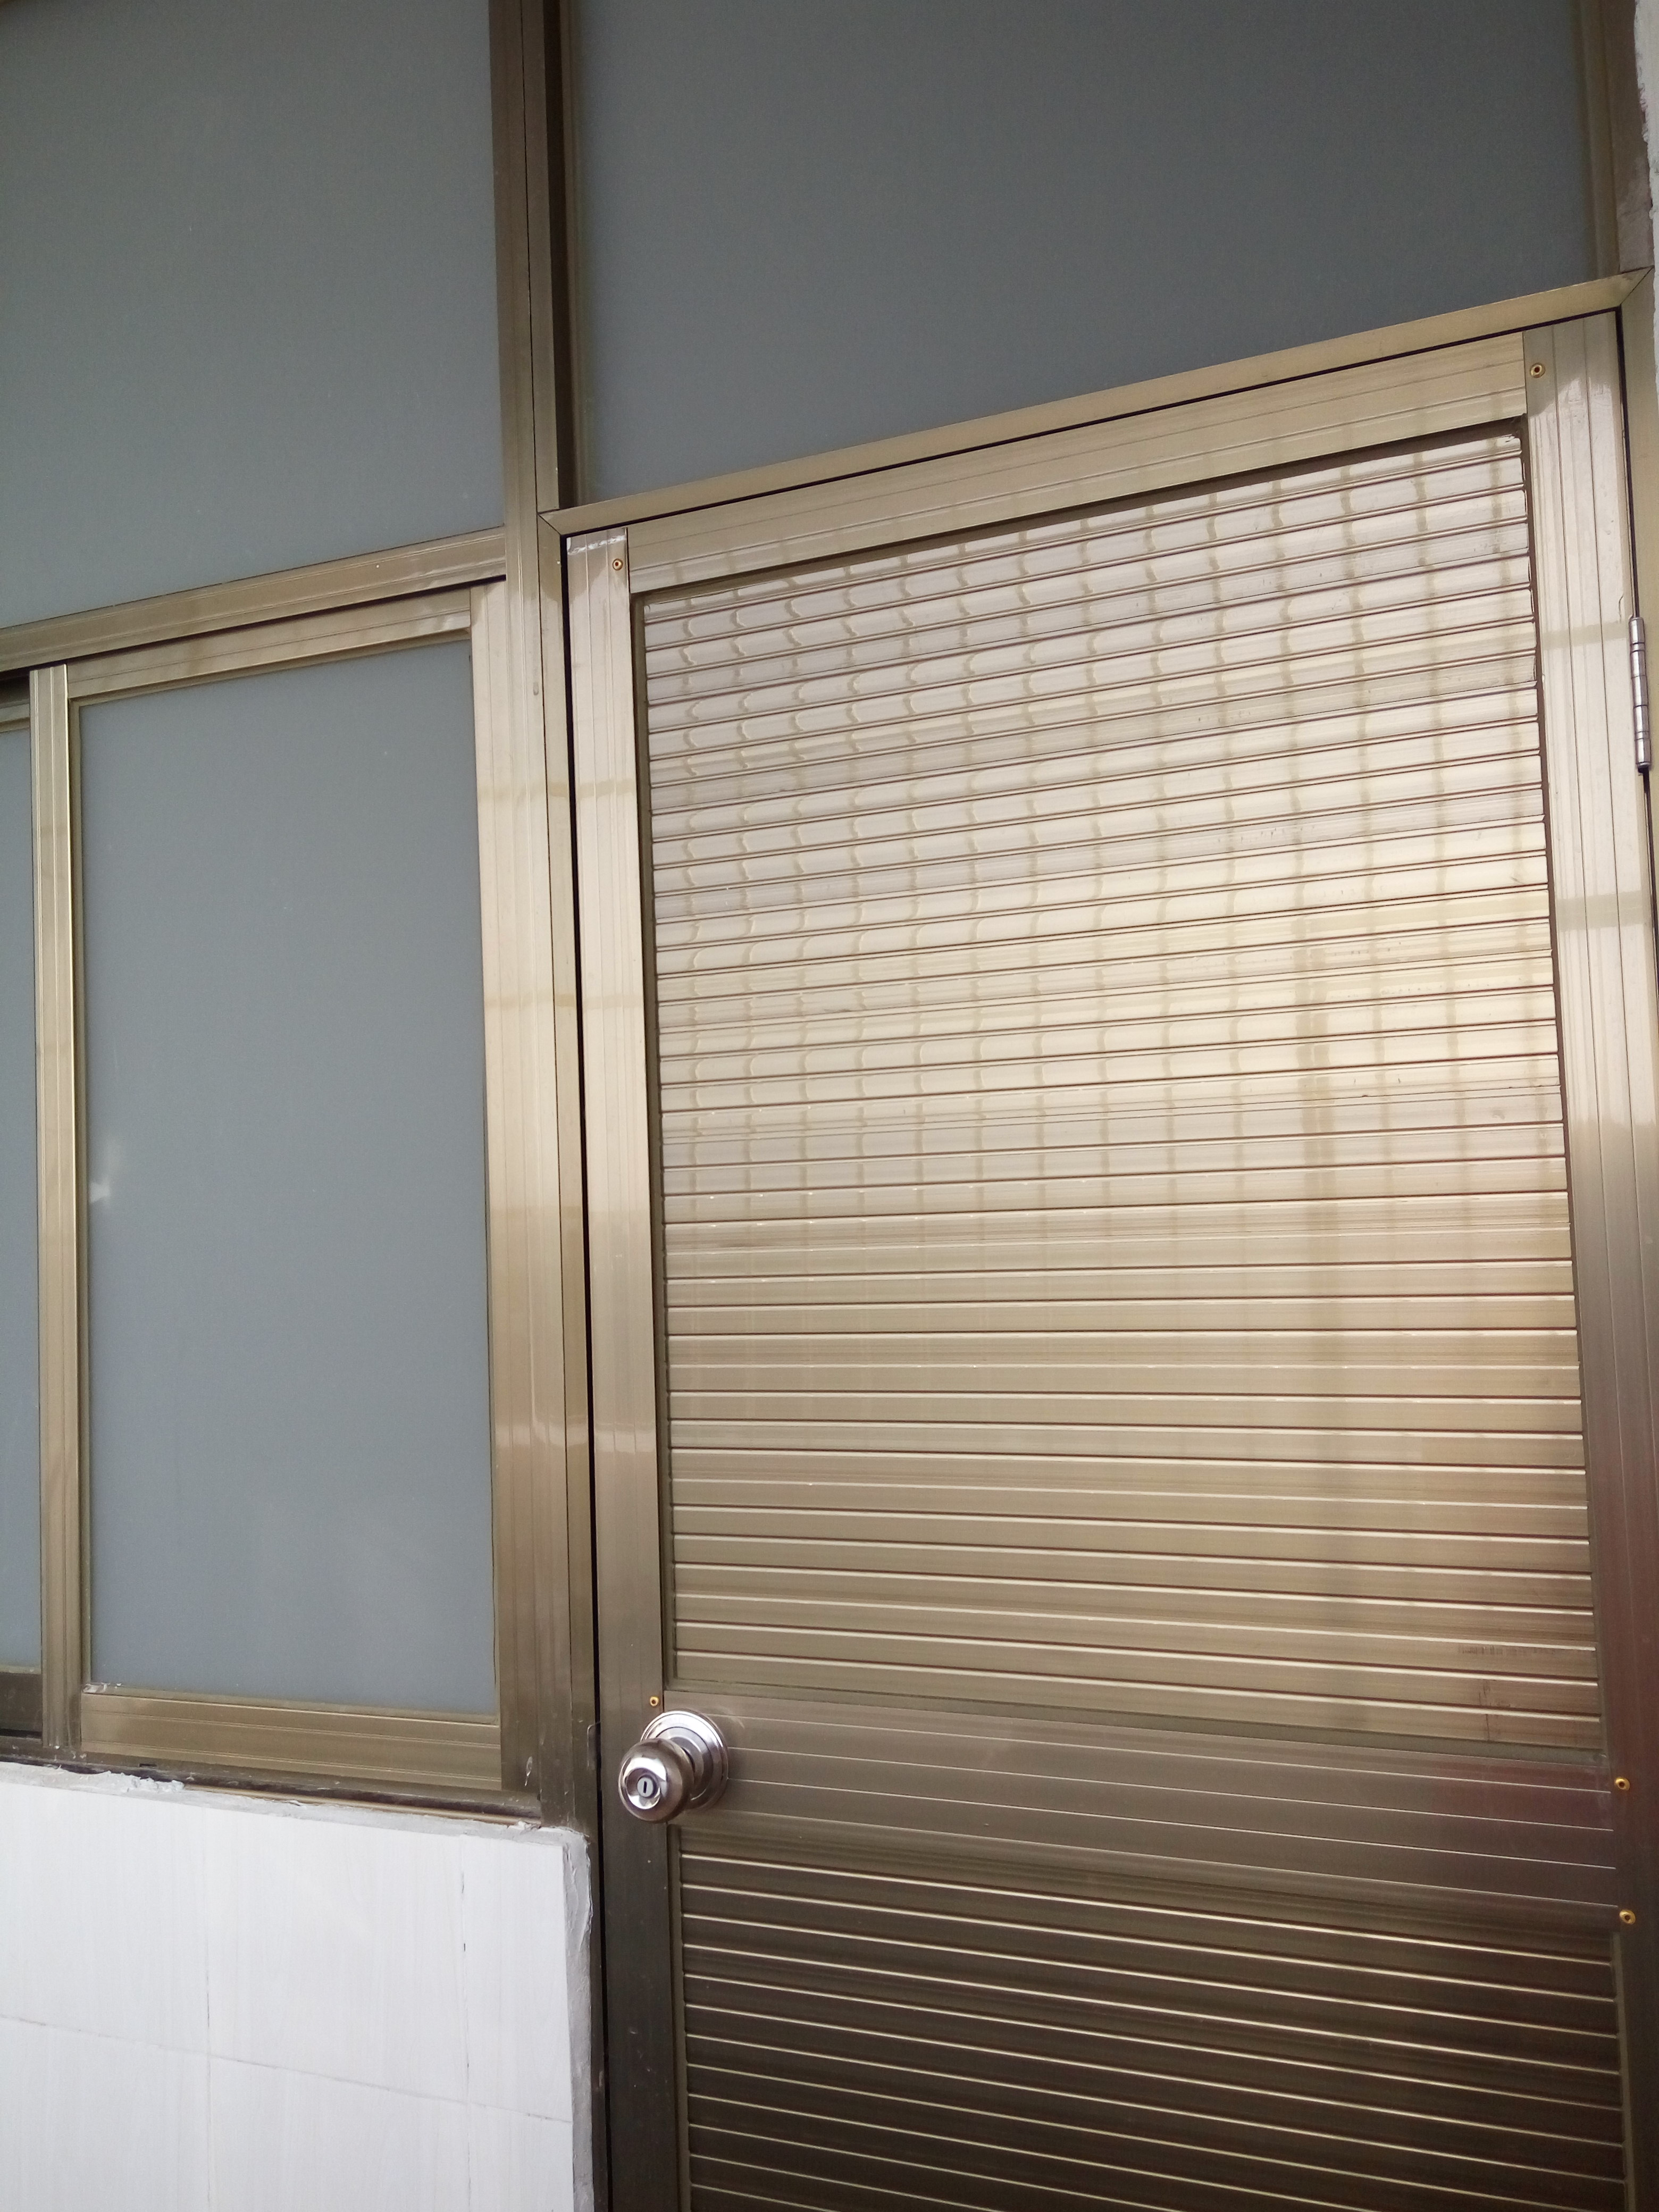 出租房铝合金门窗制作安装工程